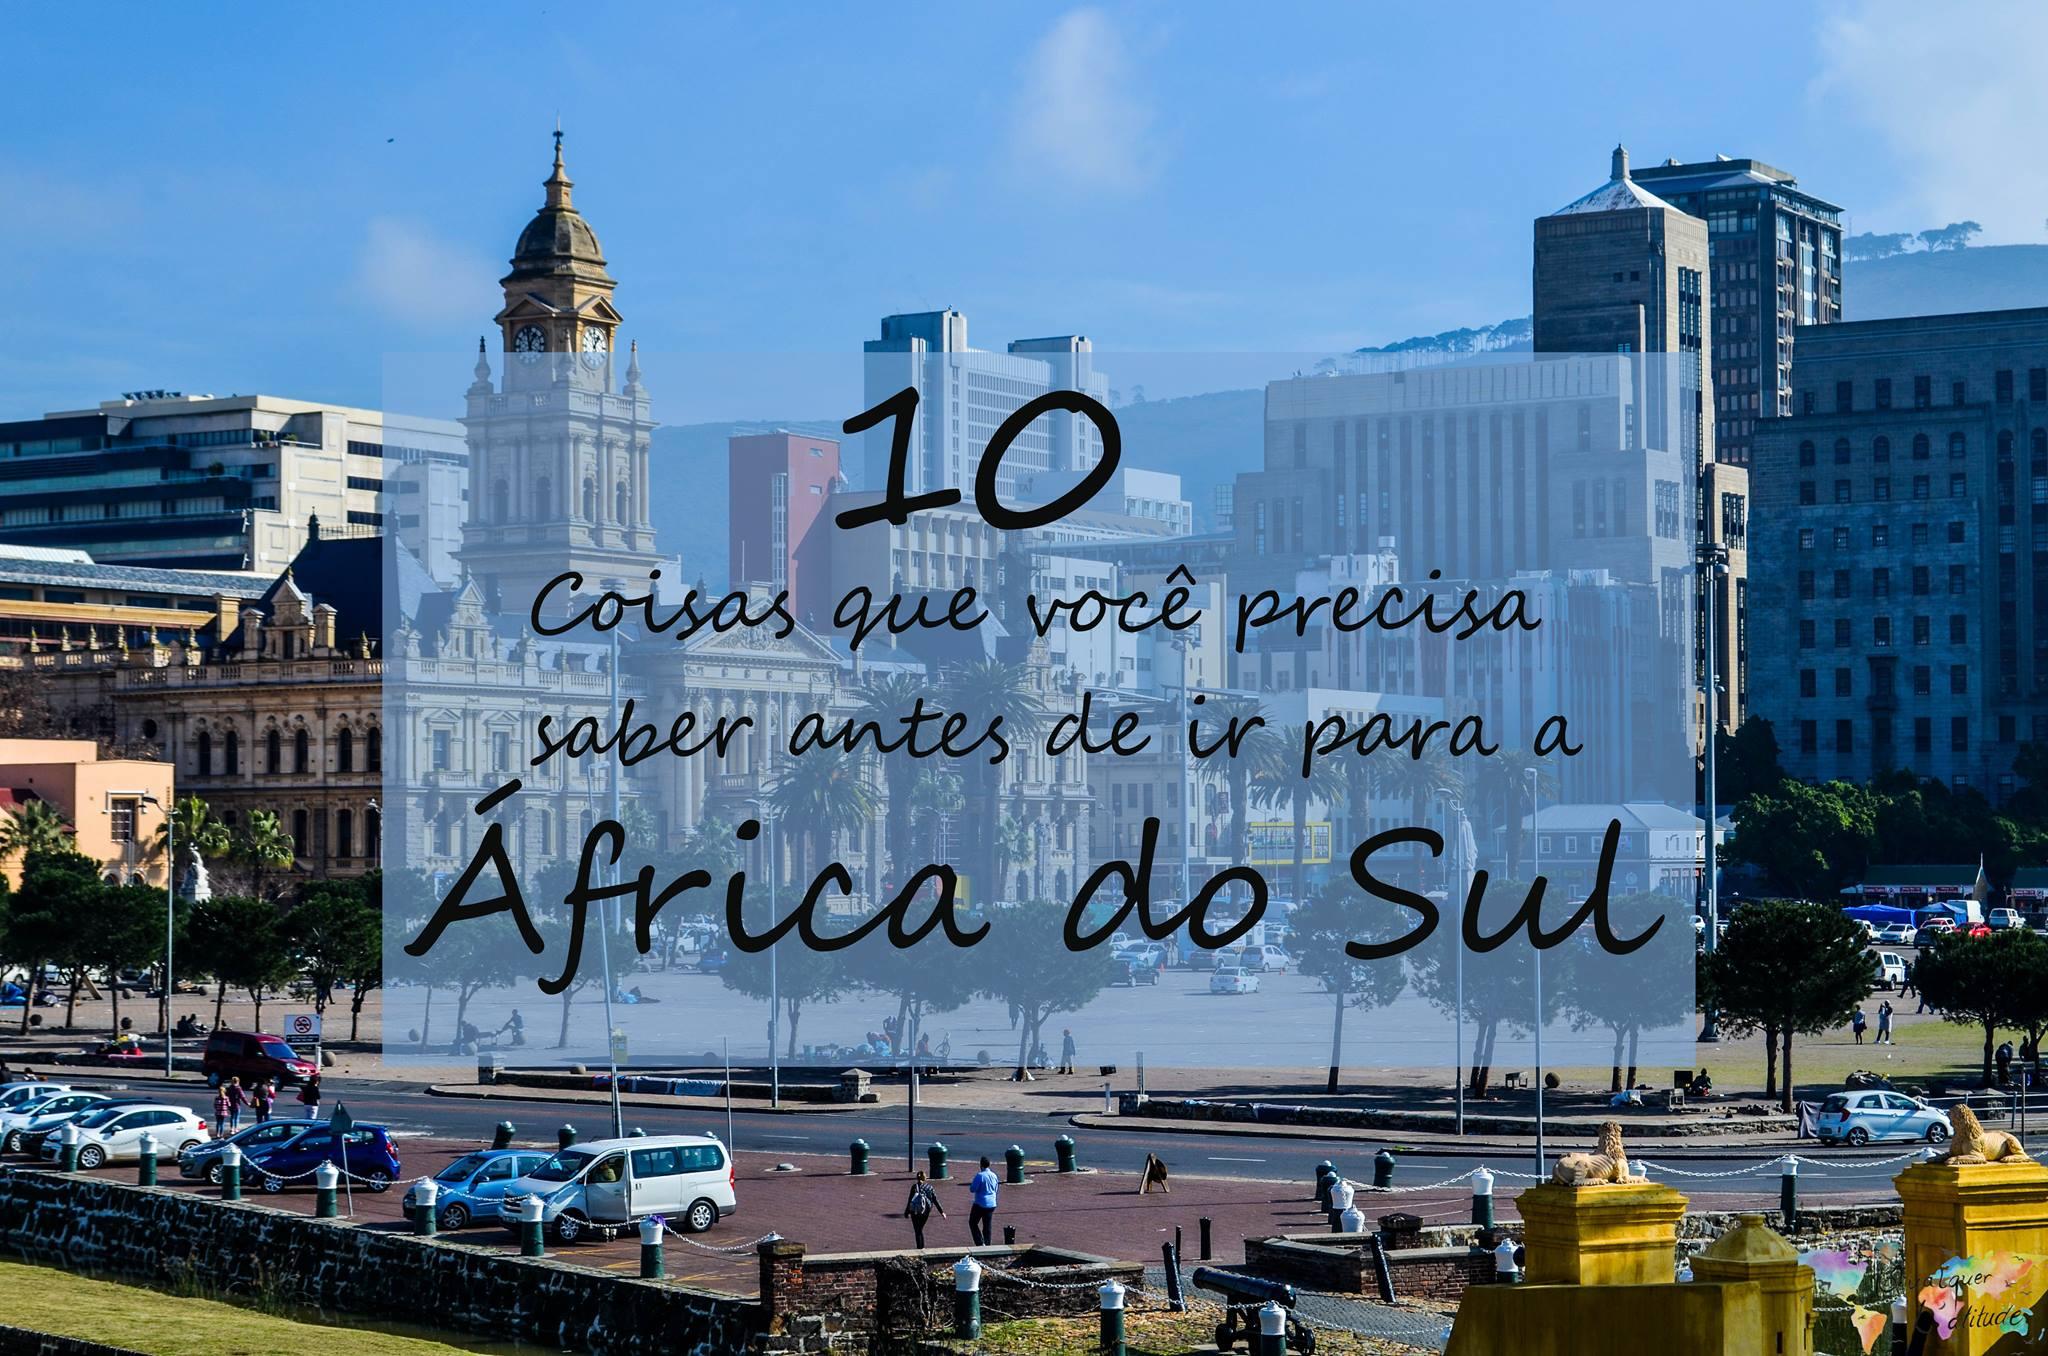 10-coisas-sobre-a-Africa-do-sul